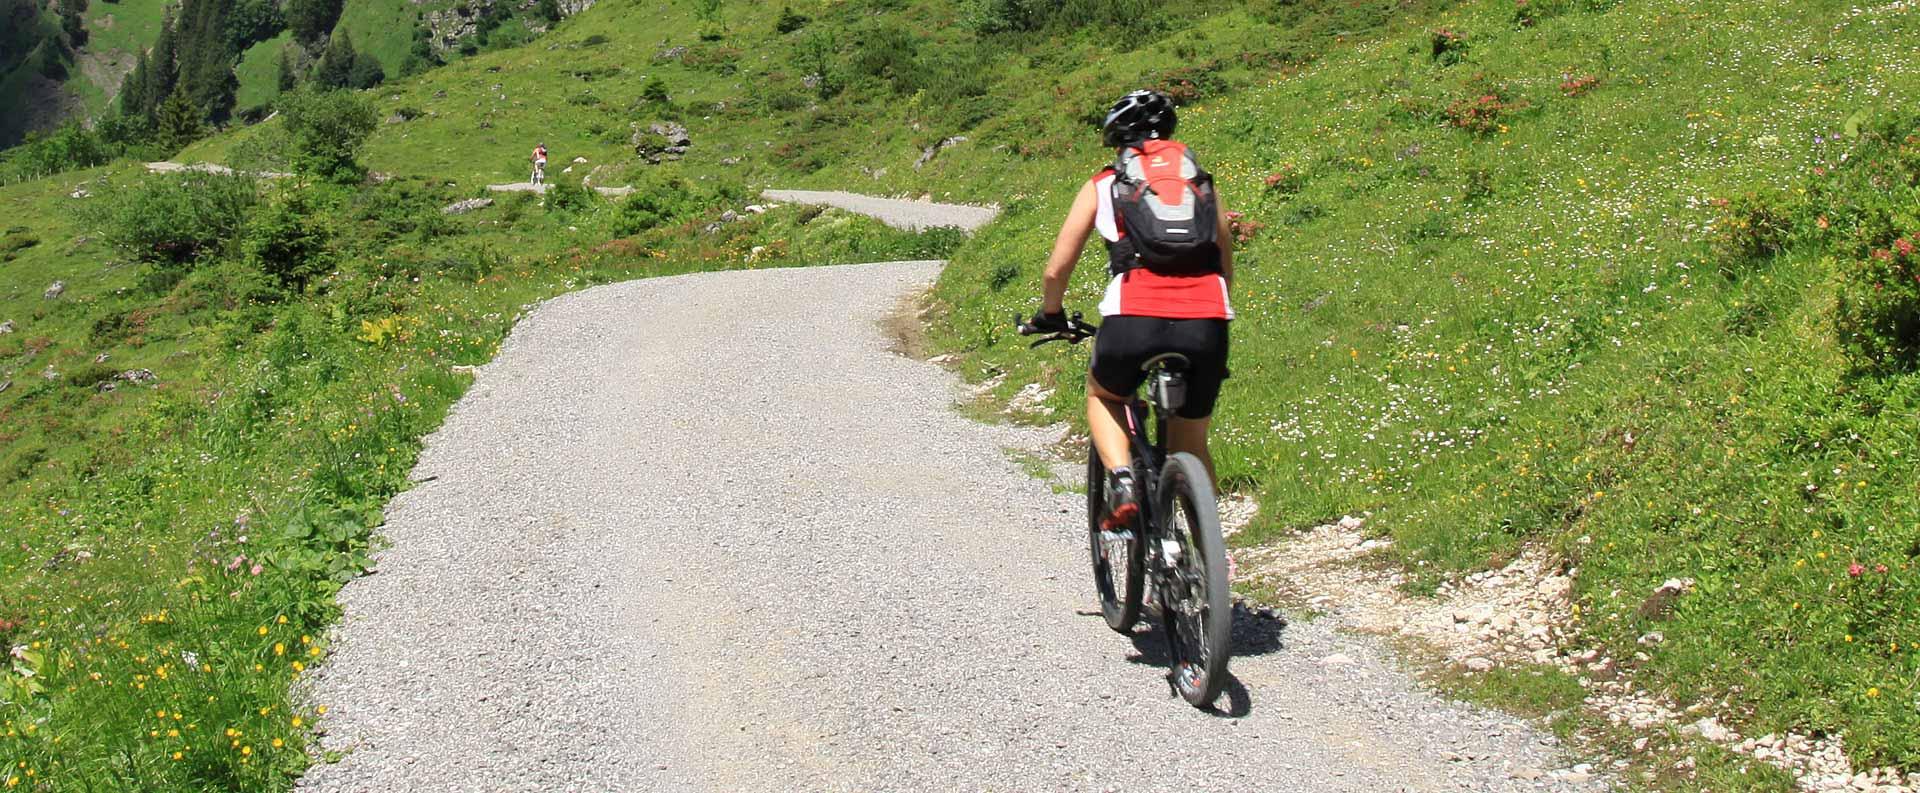 Radfahren/Biken